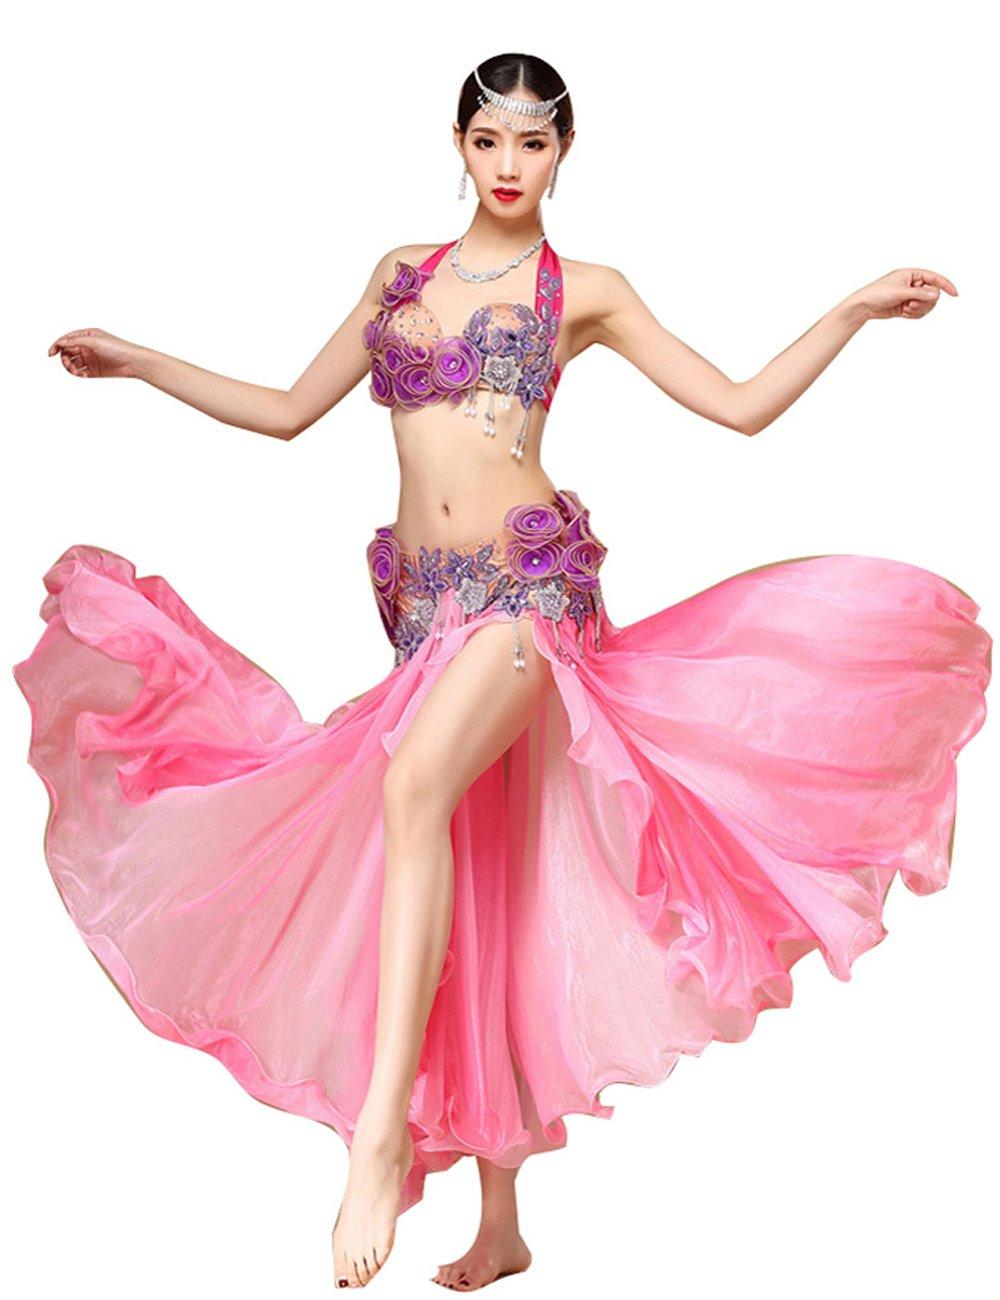 ベリーダンス衣装セット 高級演出服 ステージ衣装 プローダンサー仕様 ピンク